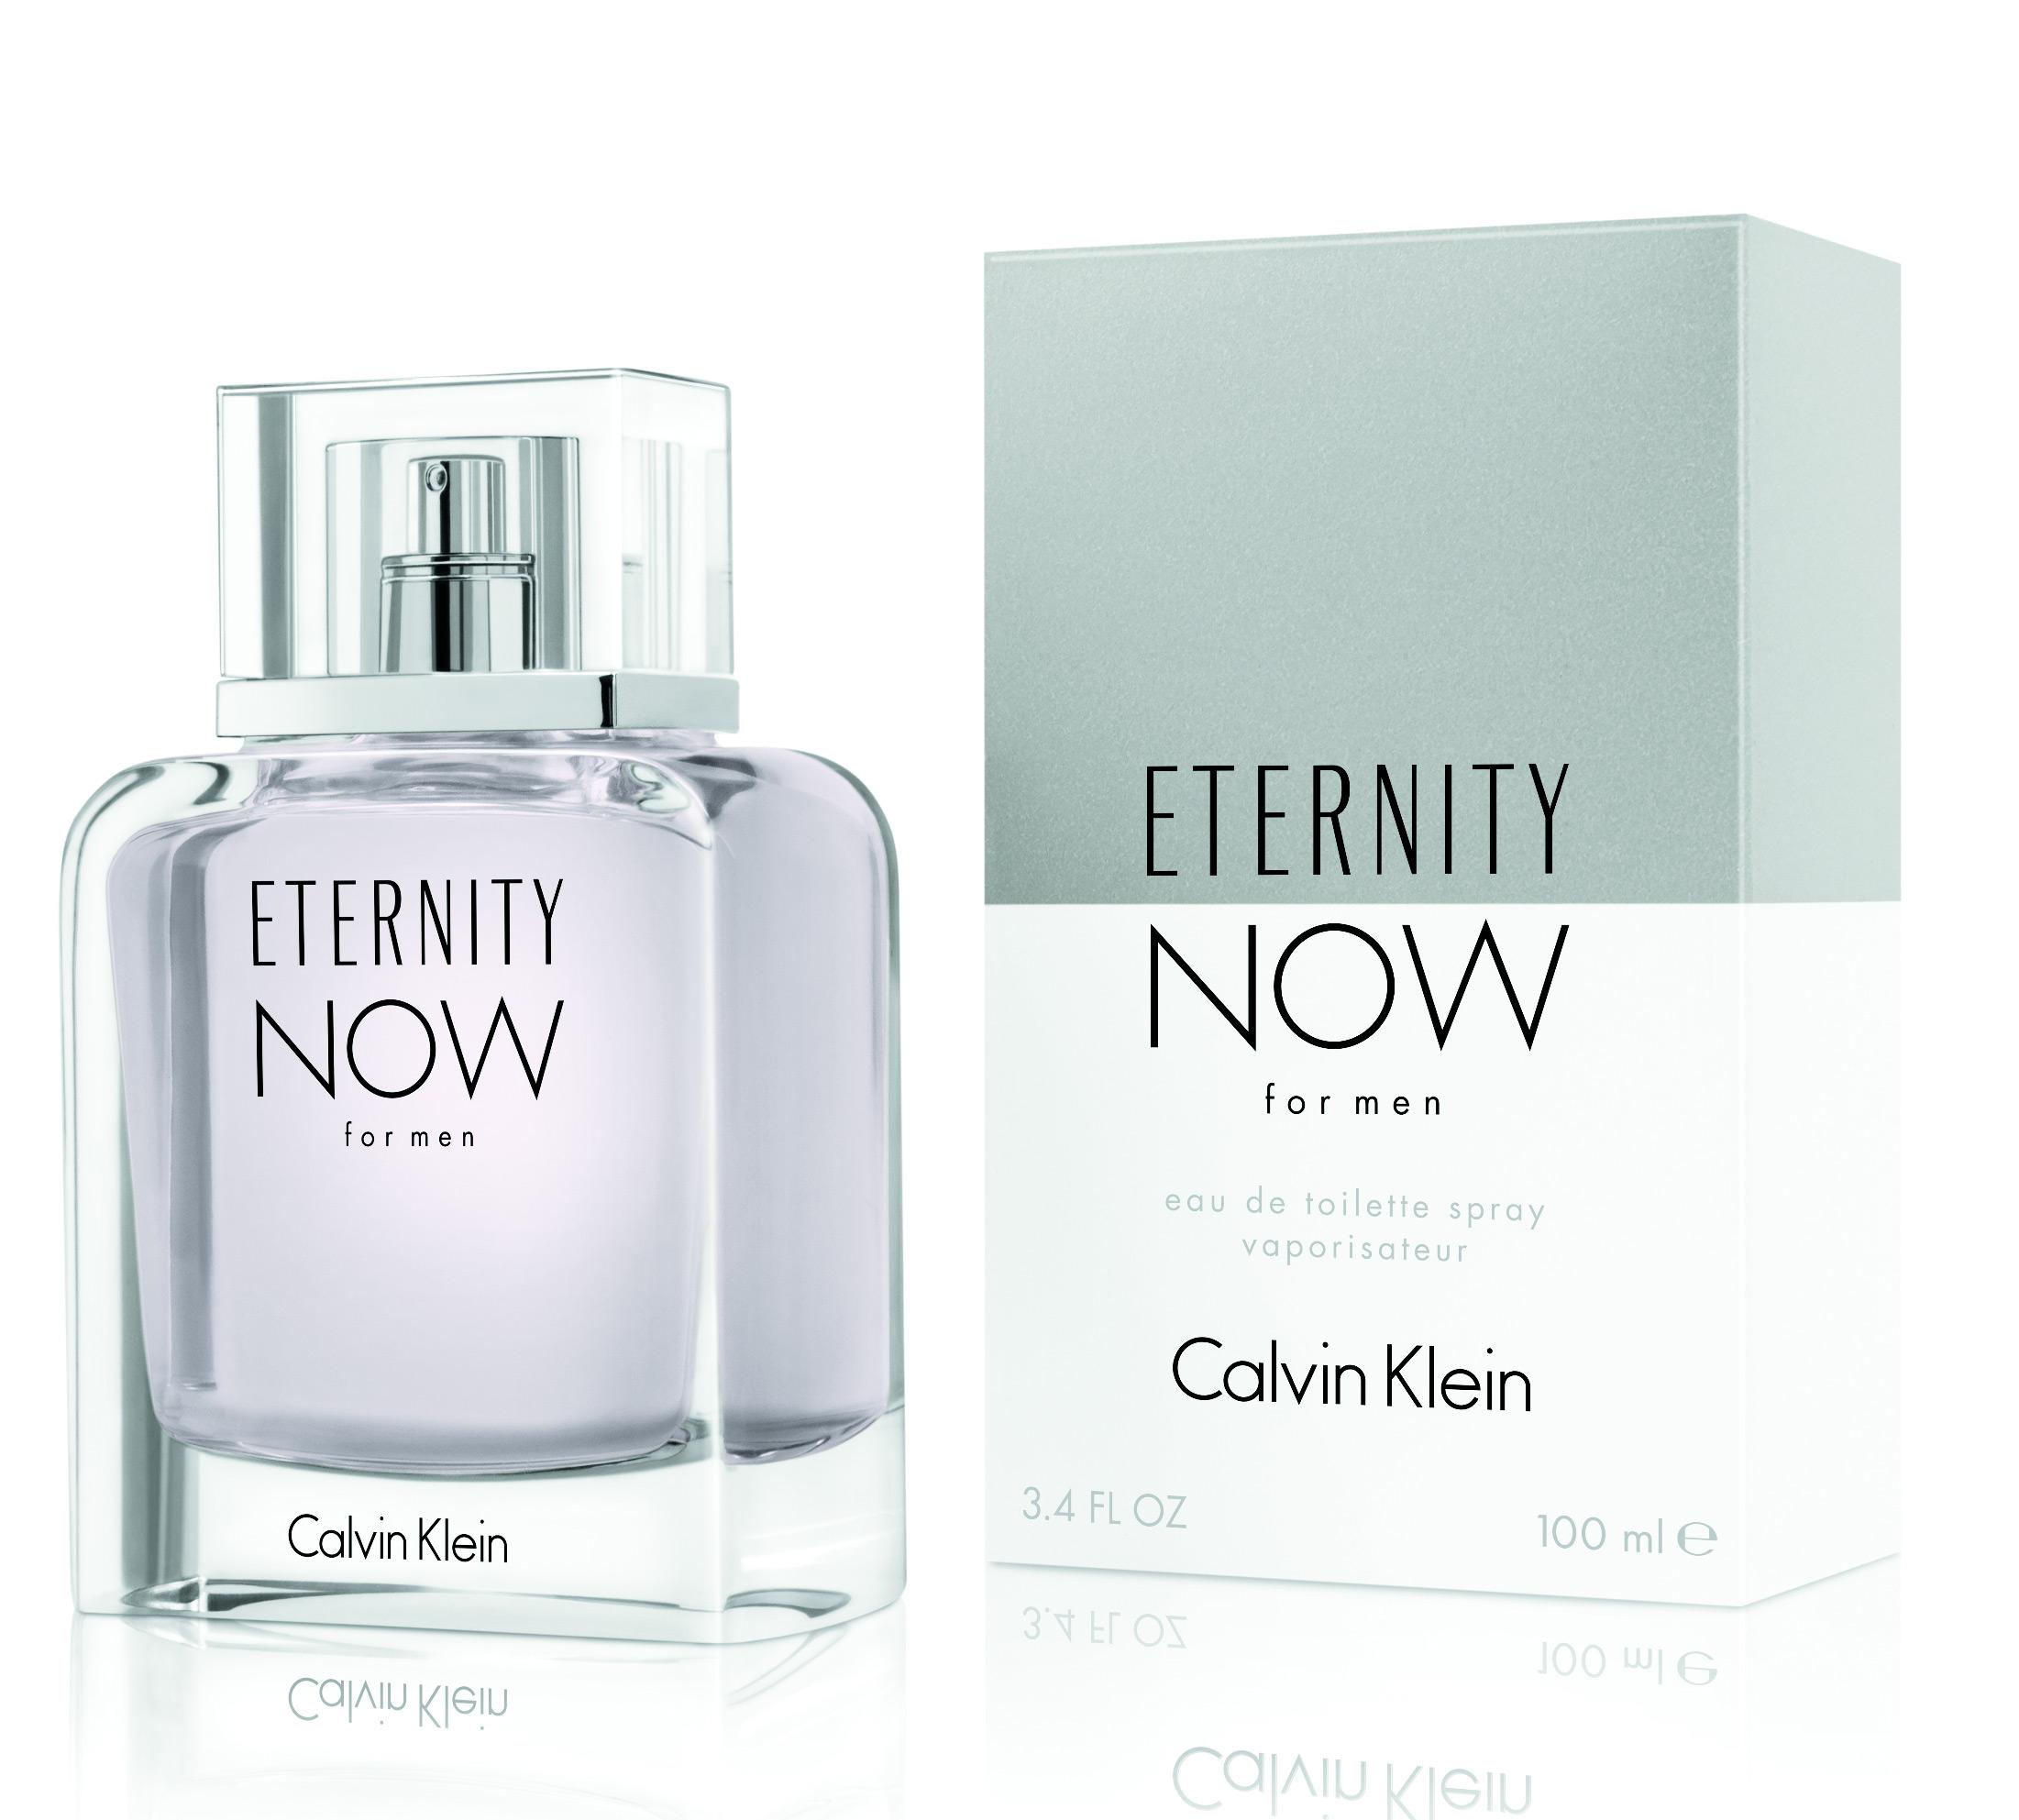 Ck Eternity Now 34 Eau De Toilette Spray Perfume N Cologne